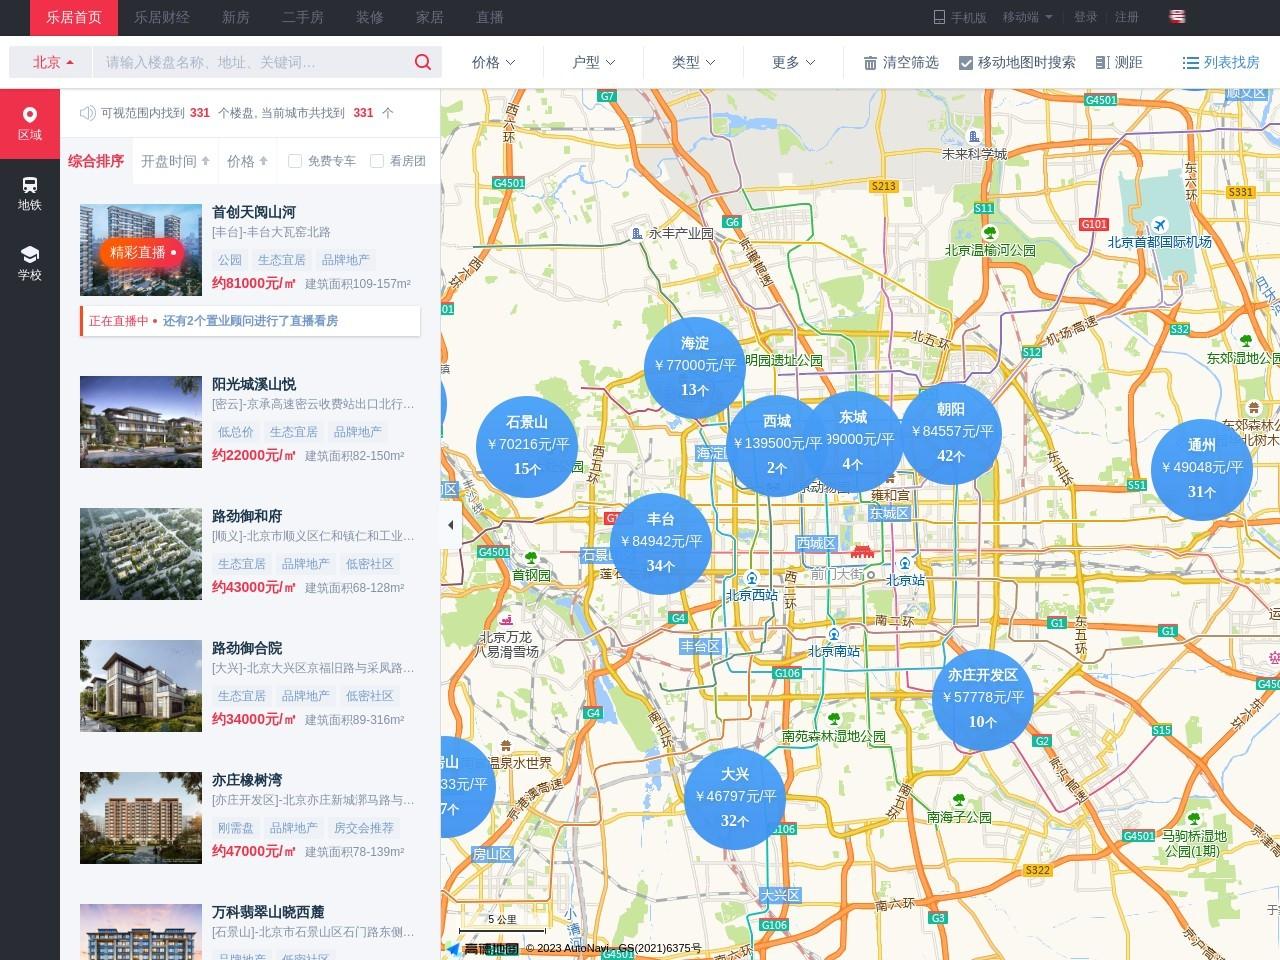 北京地图找房_北京房产地图_北京楼盘地图-北京乐居